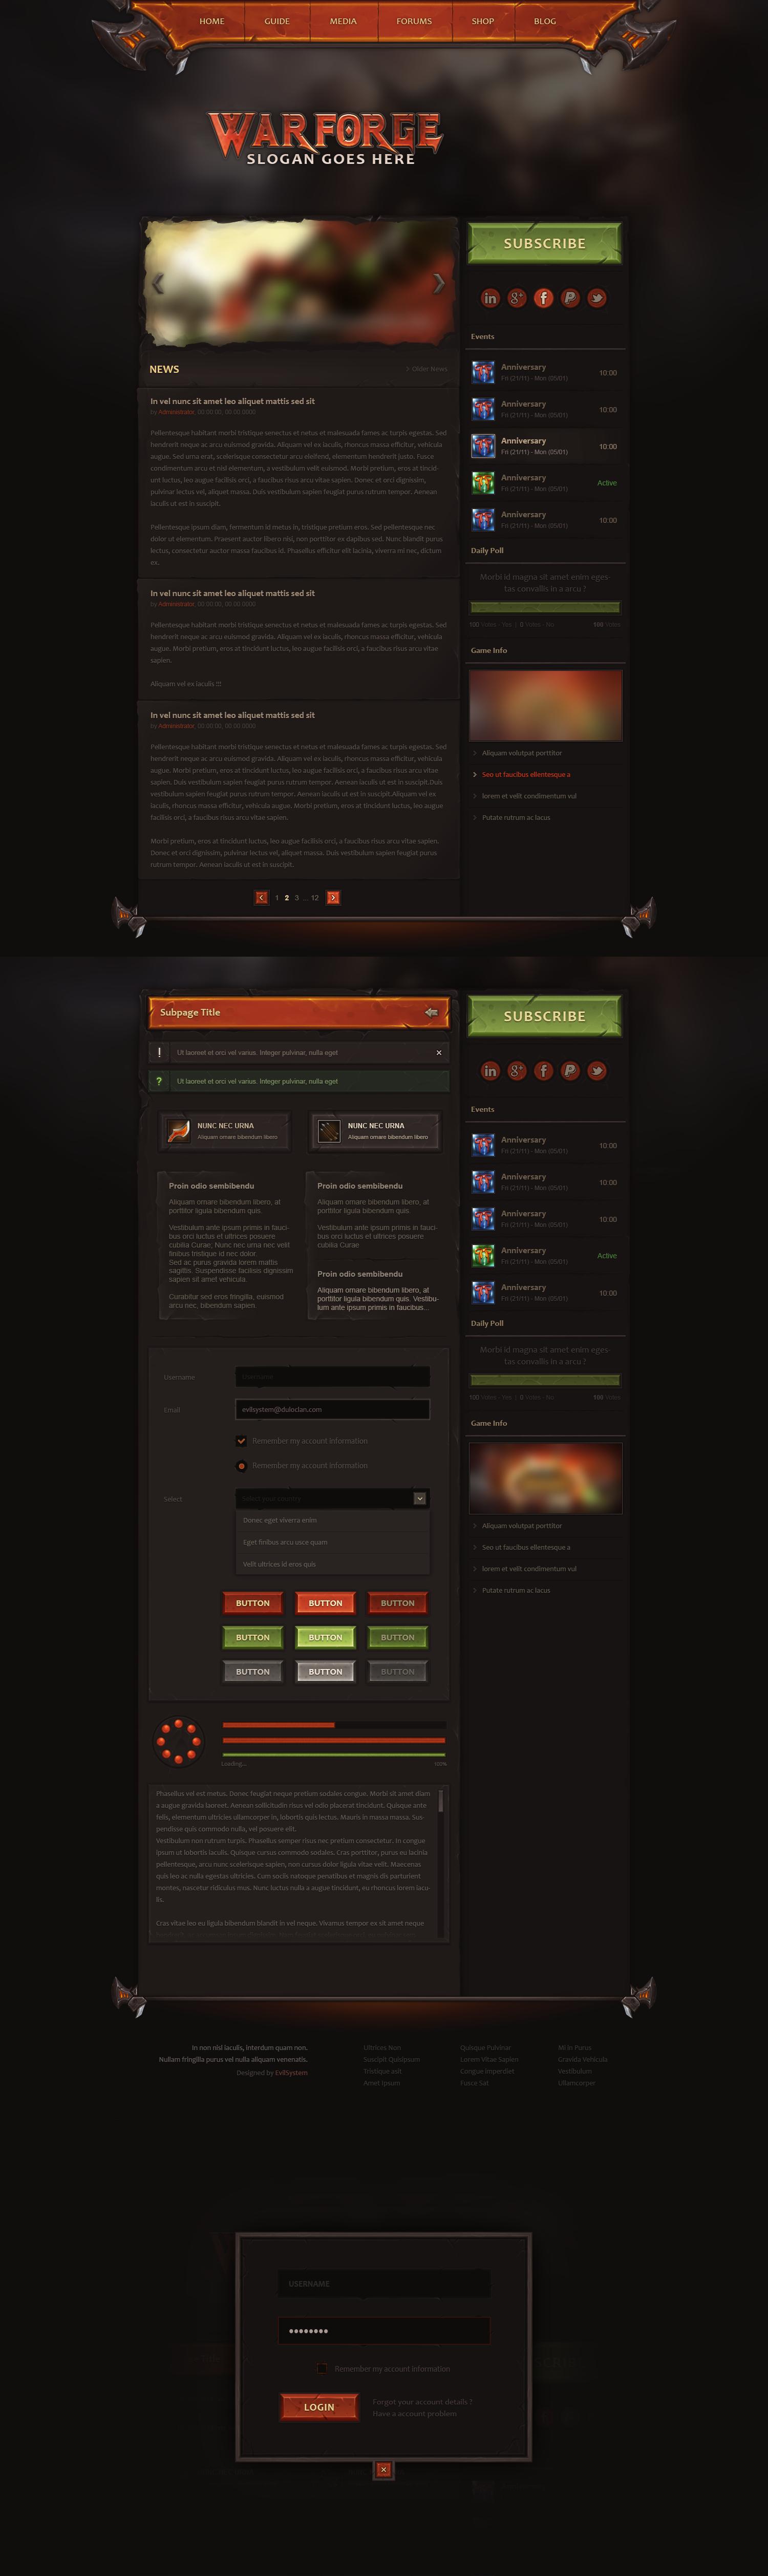 Warforge - Game Website Design by Evil-S